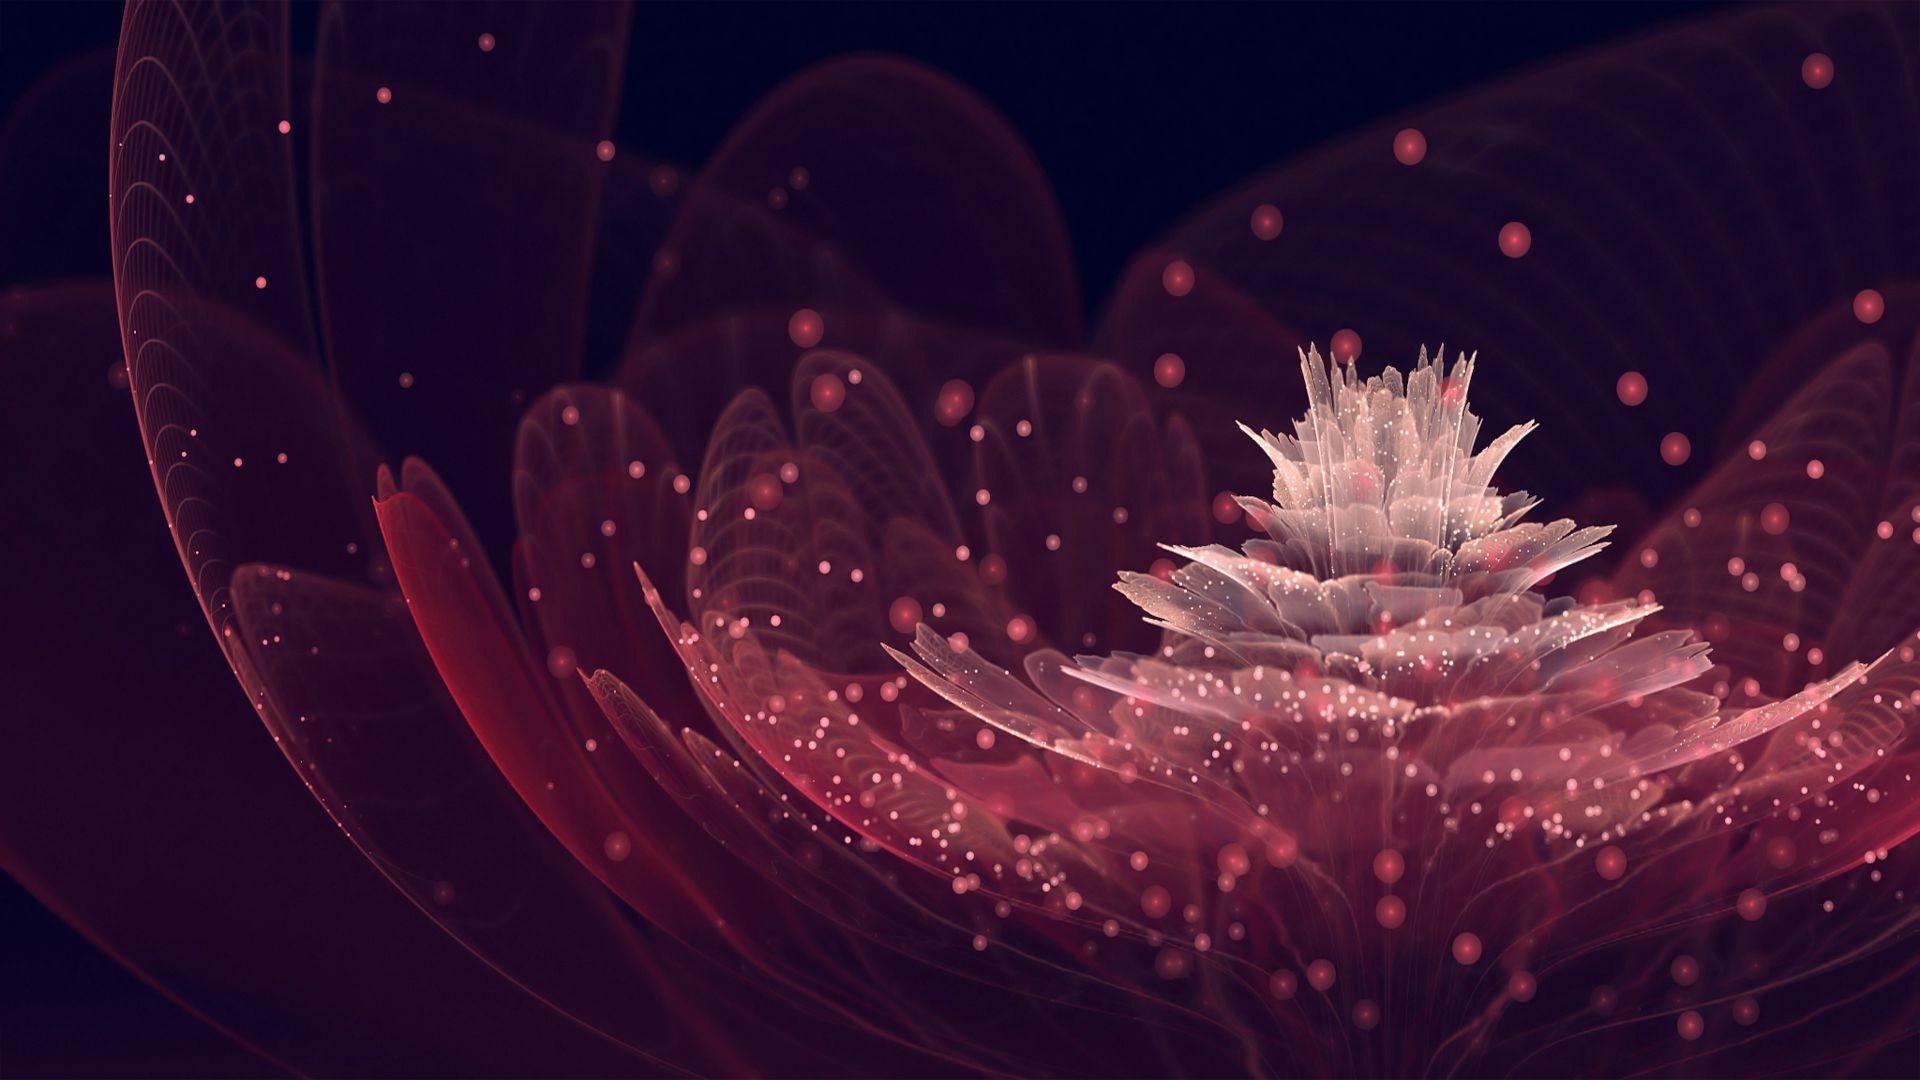 Dark maroon flowery abstract desktop wallpapers